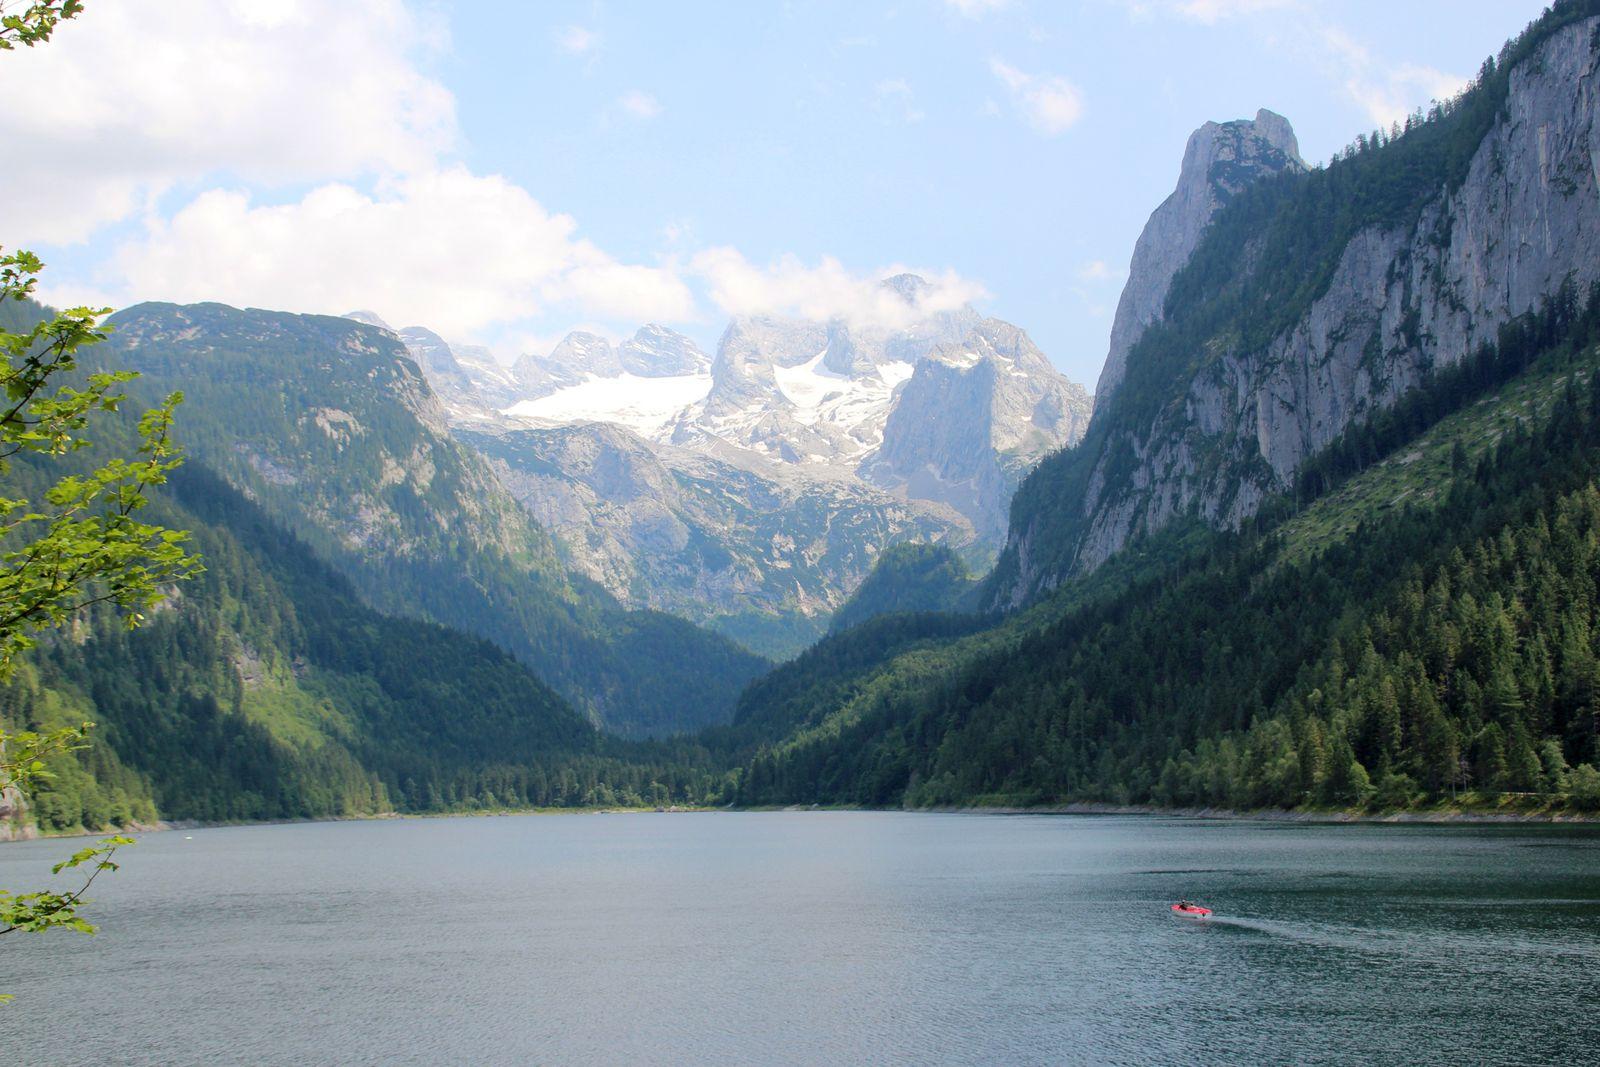 Laserer Alpin Klettersteig : 13.07.13 laserer alpin klettersteig mit vorderer gosausee wanderung